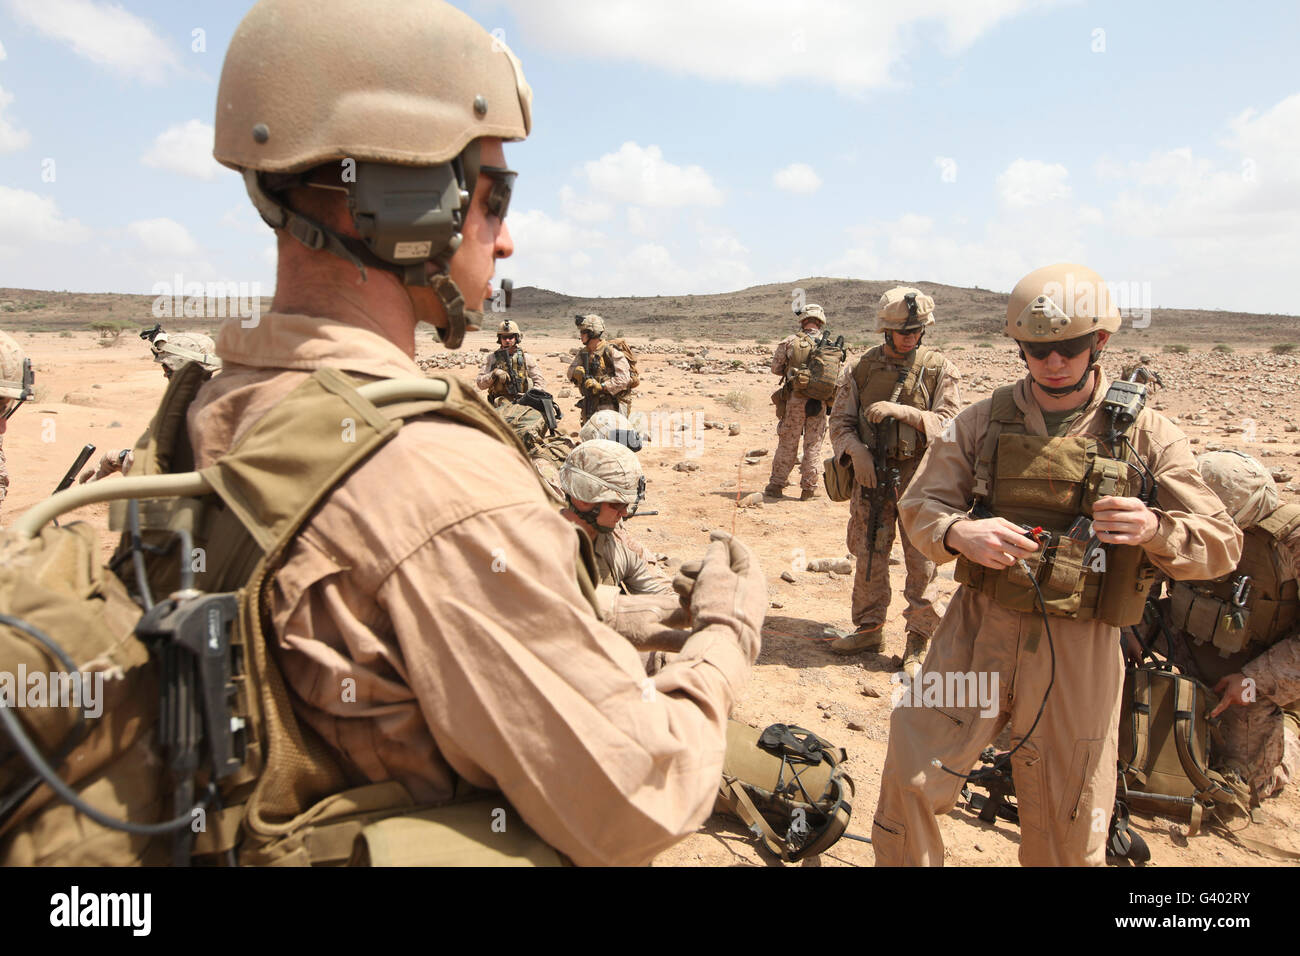 Les Marines américains monter une antenne de communication par satellite rapide sur le terrain. Photo Stock